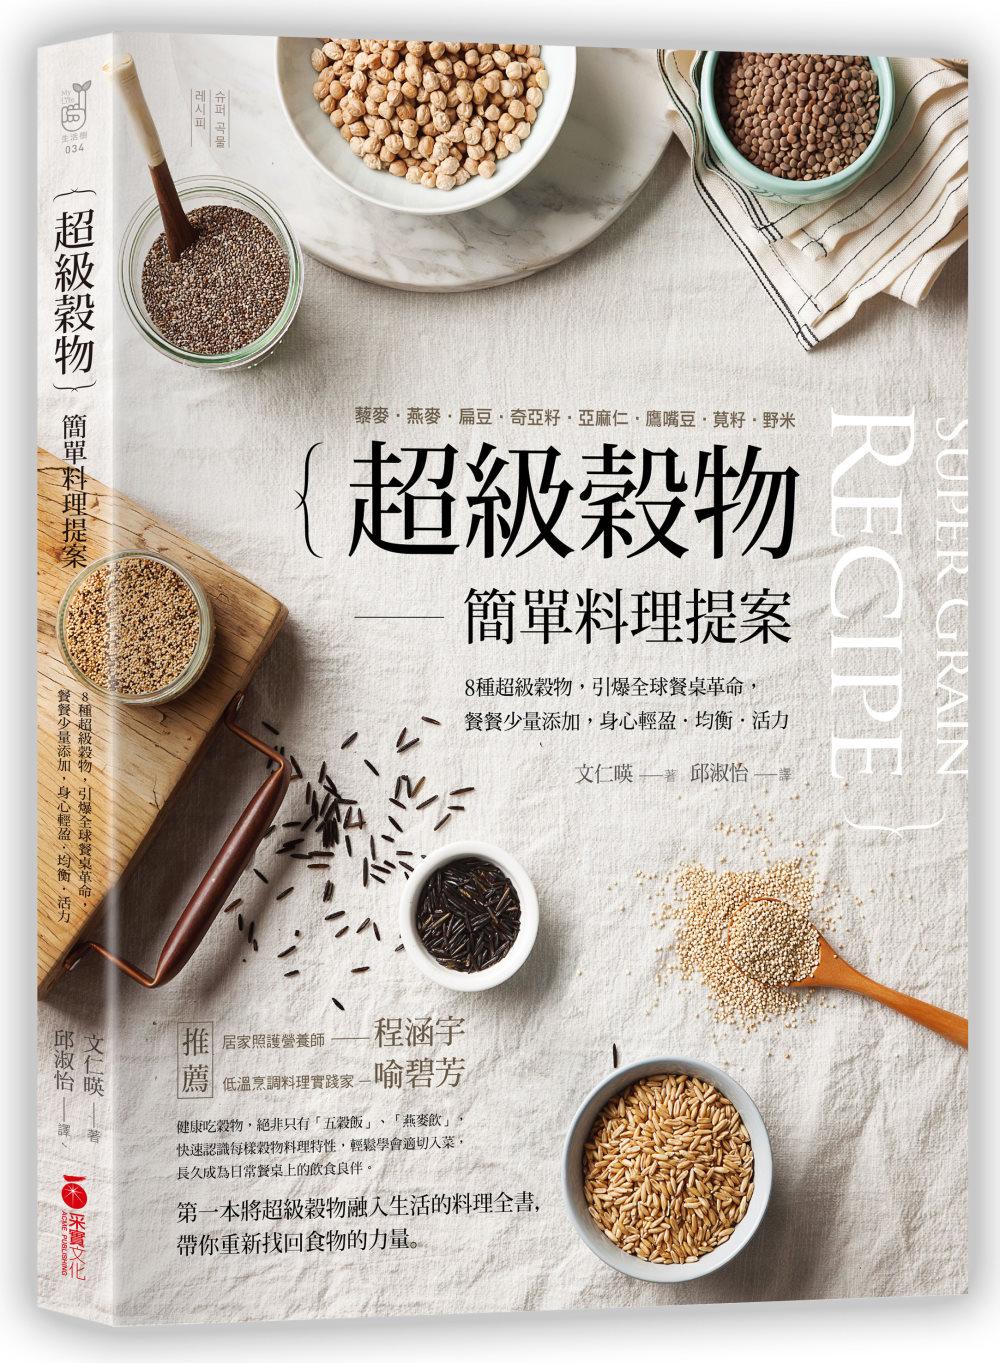 「超級穀物」簡單料理提案:藜麥、燕麥、扁豆、奇亞籽、亞麻仁、鷹嘴豆、莧仔、野米,8種超級穀物、餐餐少量添加,身心輕盈.均衡.活力